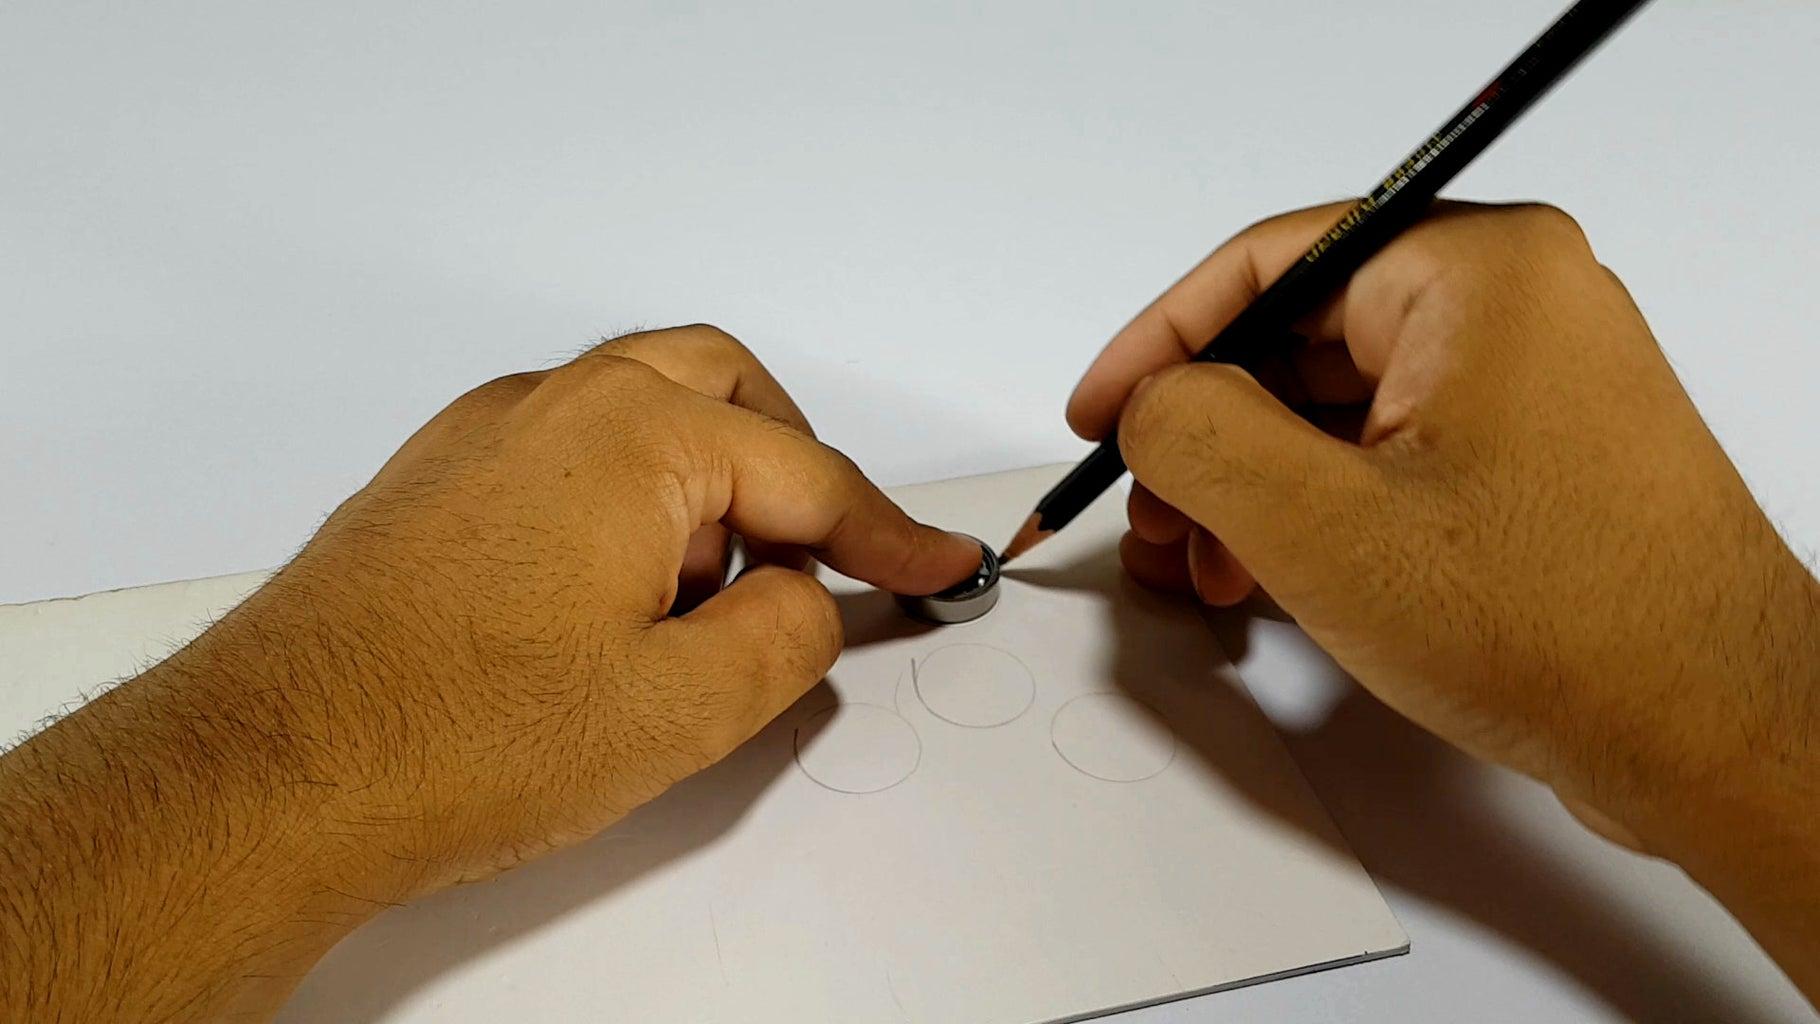 Procedure: Make Mould for Fidget Spinner